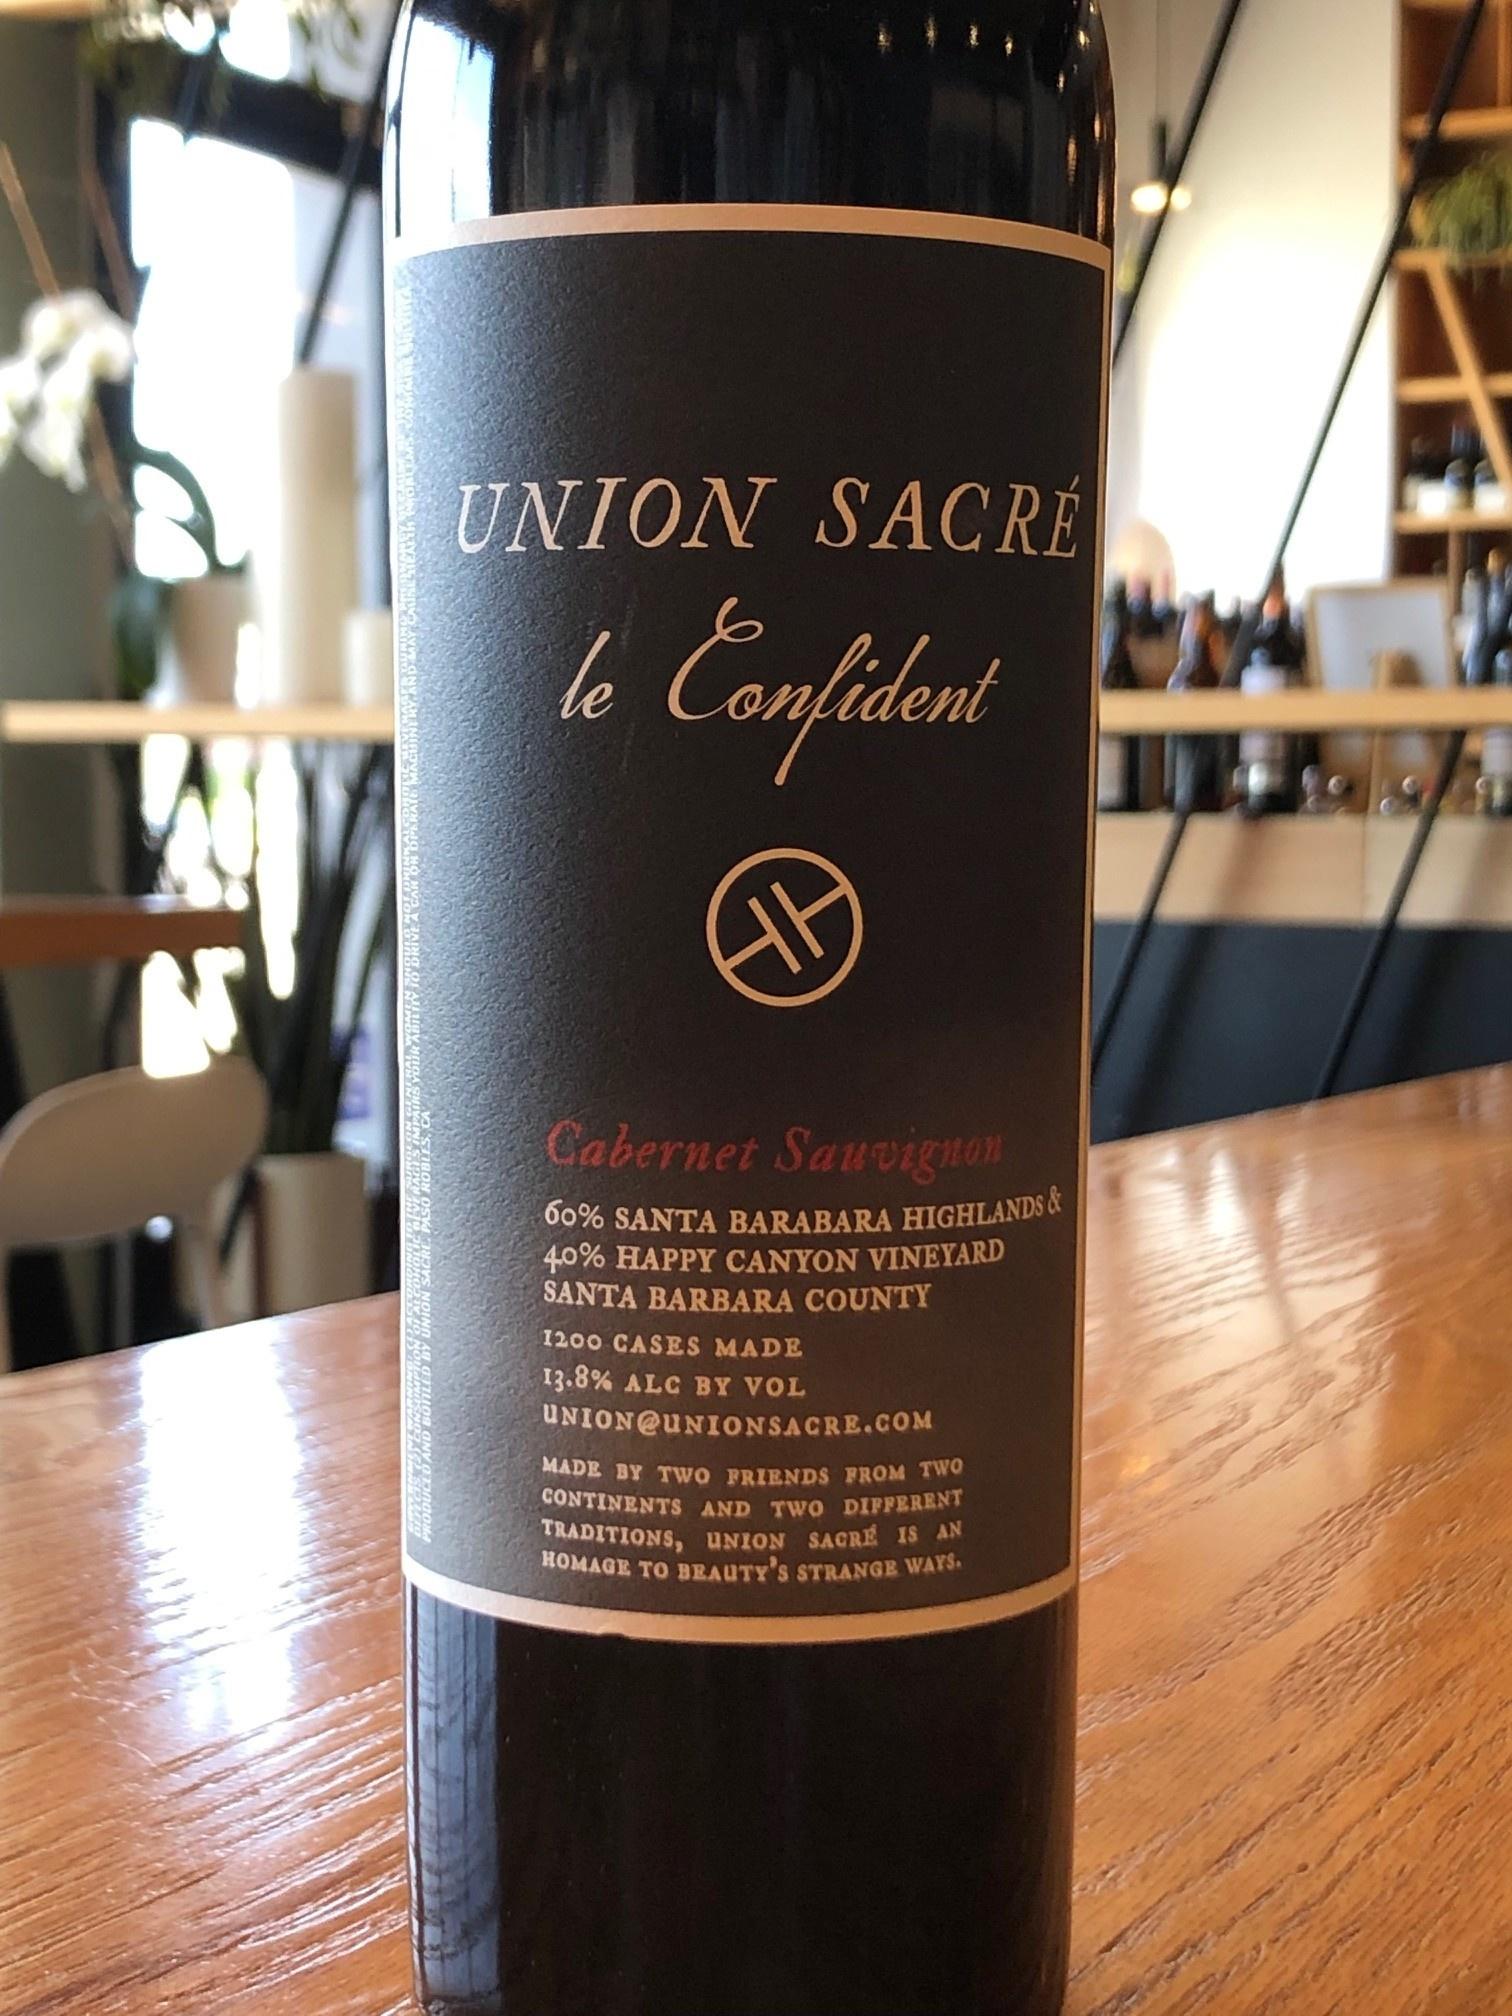 Union Sacre 2017 Union Sacre Cabernet Sauvignon ''Le Confidant'' 750mL